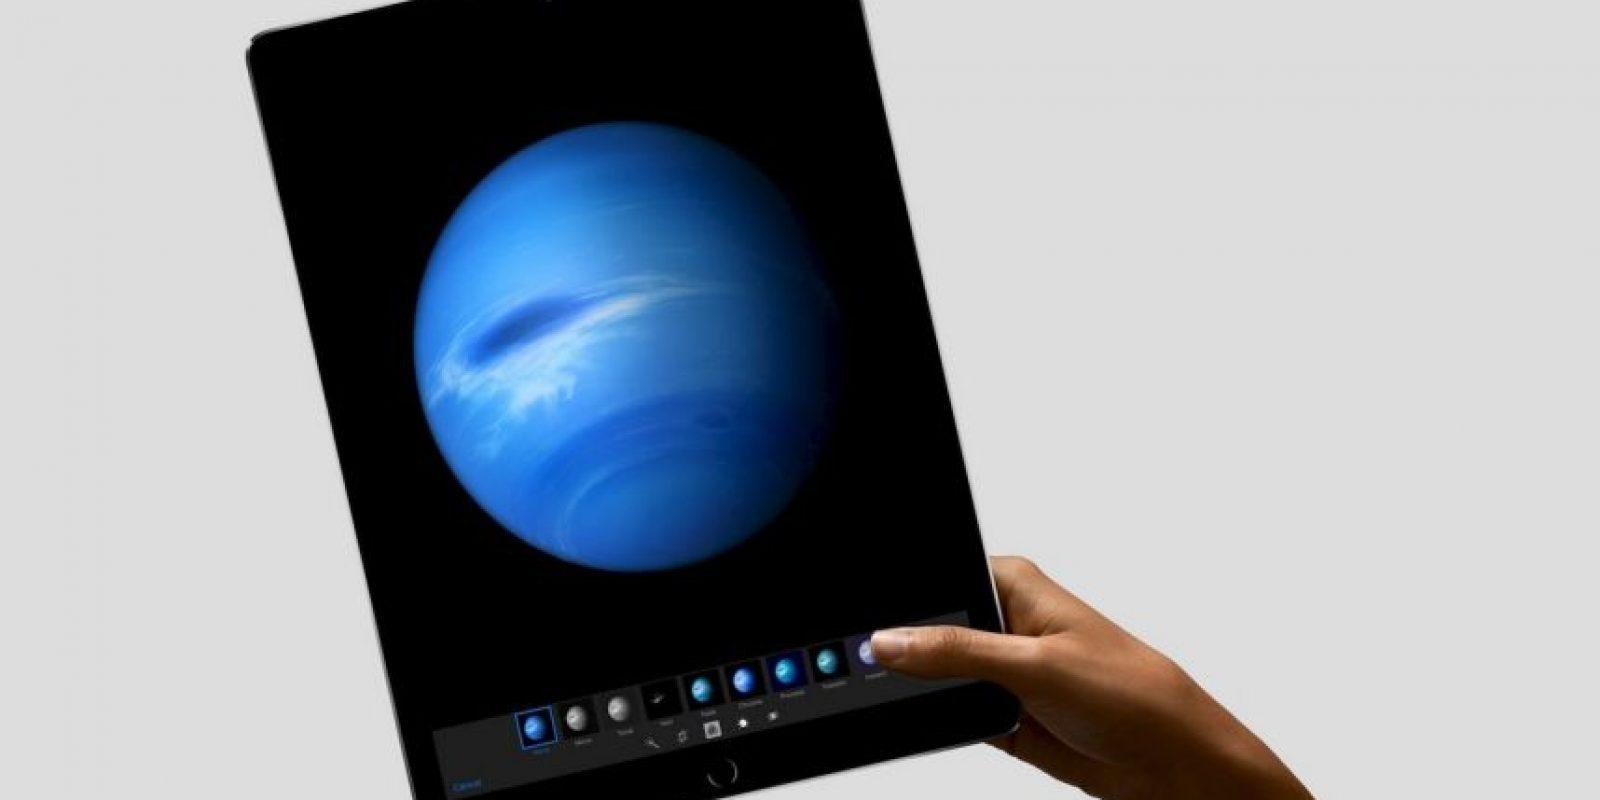 Disponible en tres colores desde 799 dólares; con accesorios como el Apple Pencil y Smart Keyboard que se venden por separado. Foto:Apple